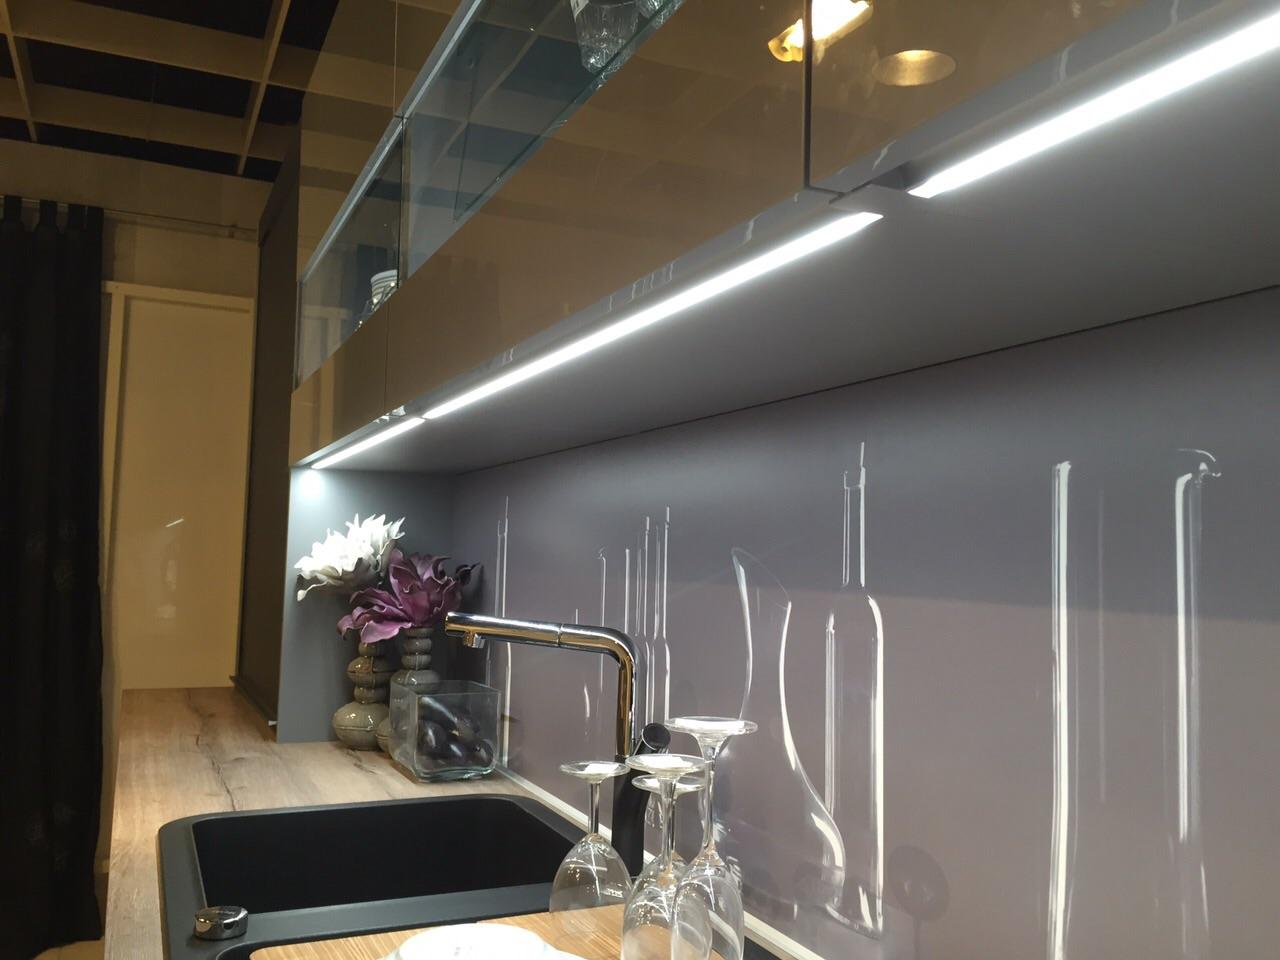 Full Size of Led Beleuchtung Küche In Der Kche Kchen Info Auf Raten Teppich Für Sitzbank Mit Lehne Gebrauchte Kaufen Weisse Landhausküche Stehhilfe Erweitern Küche Led Beleuchtung Küche